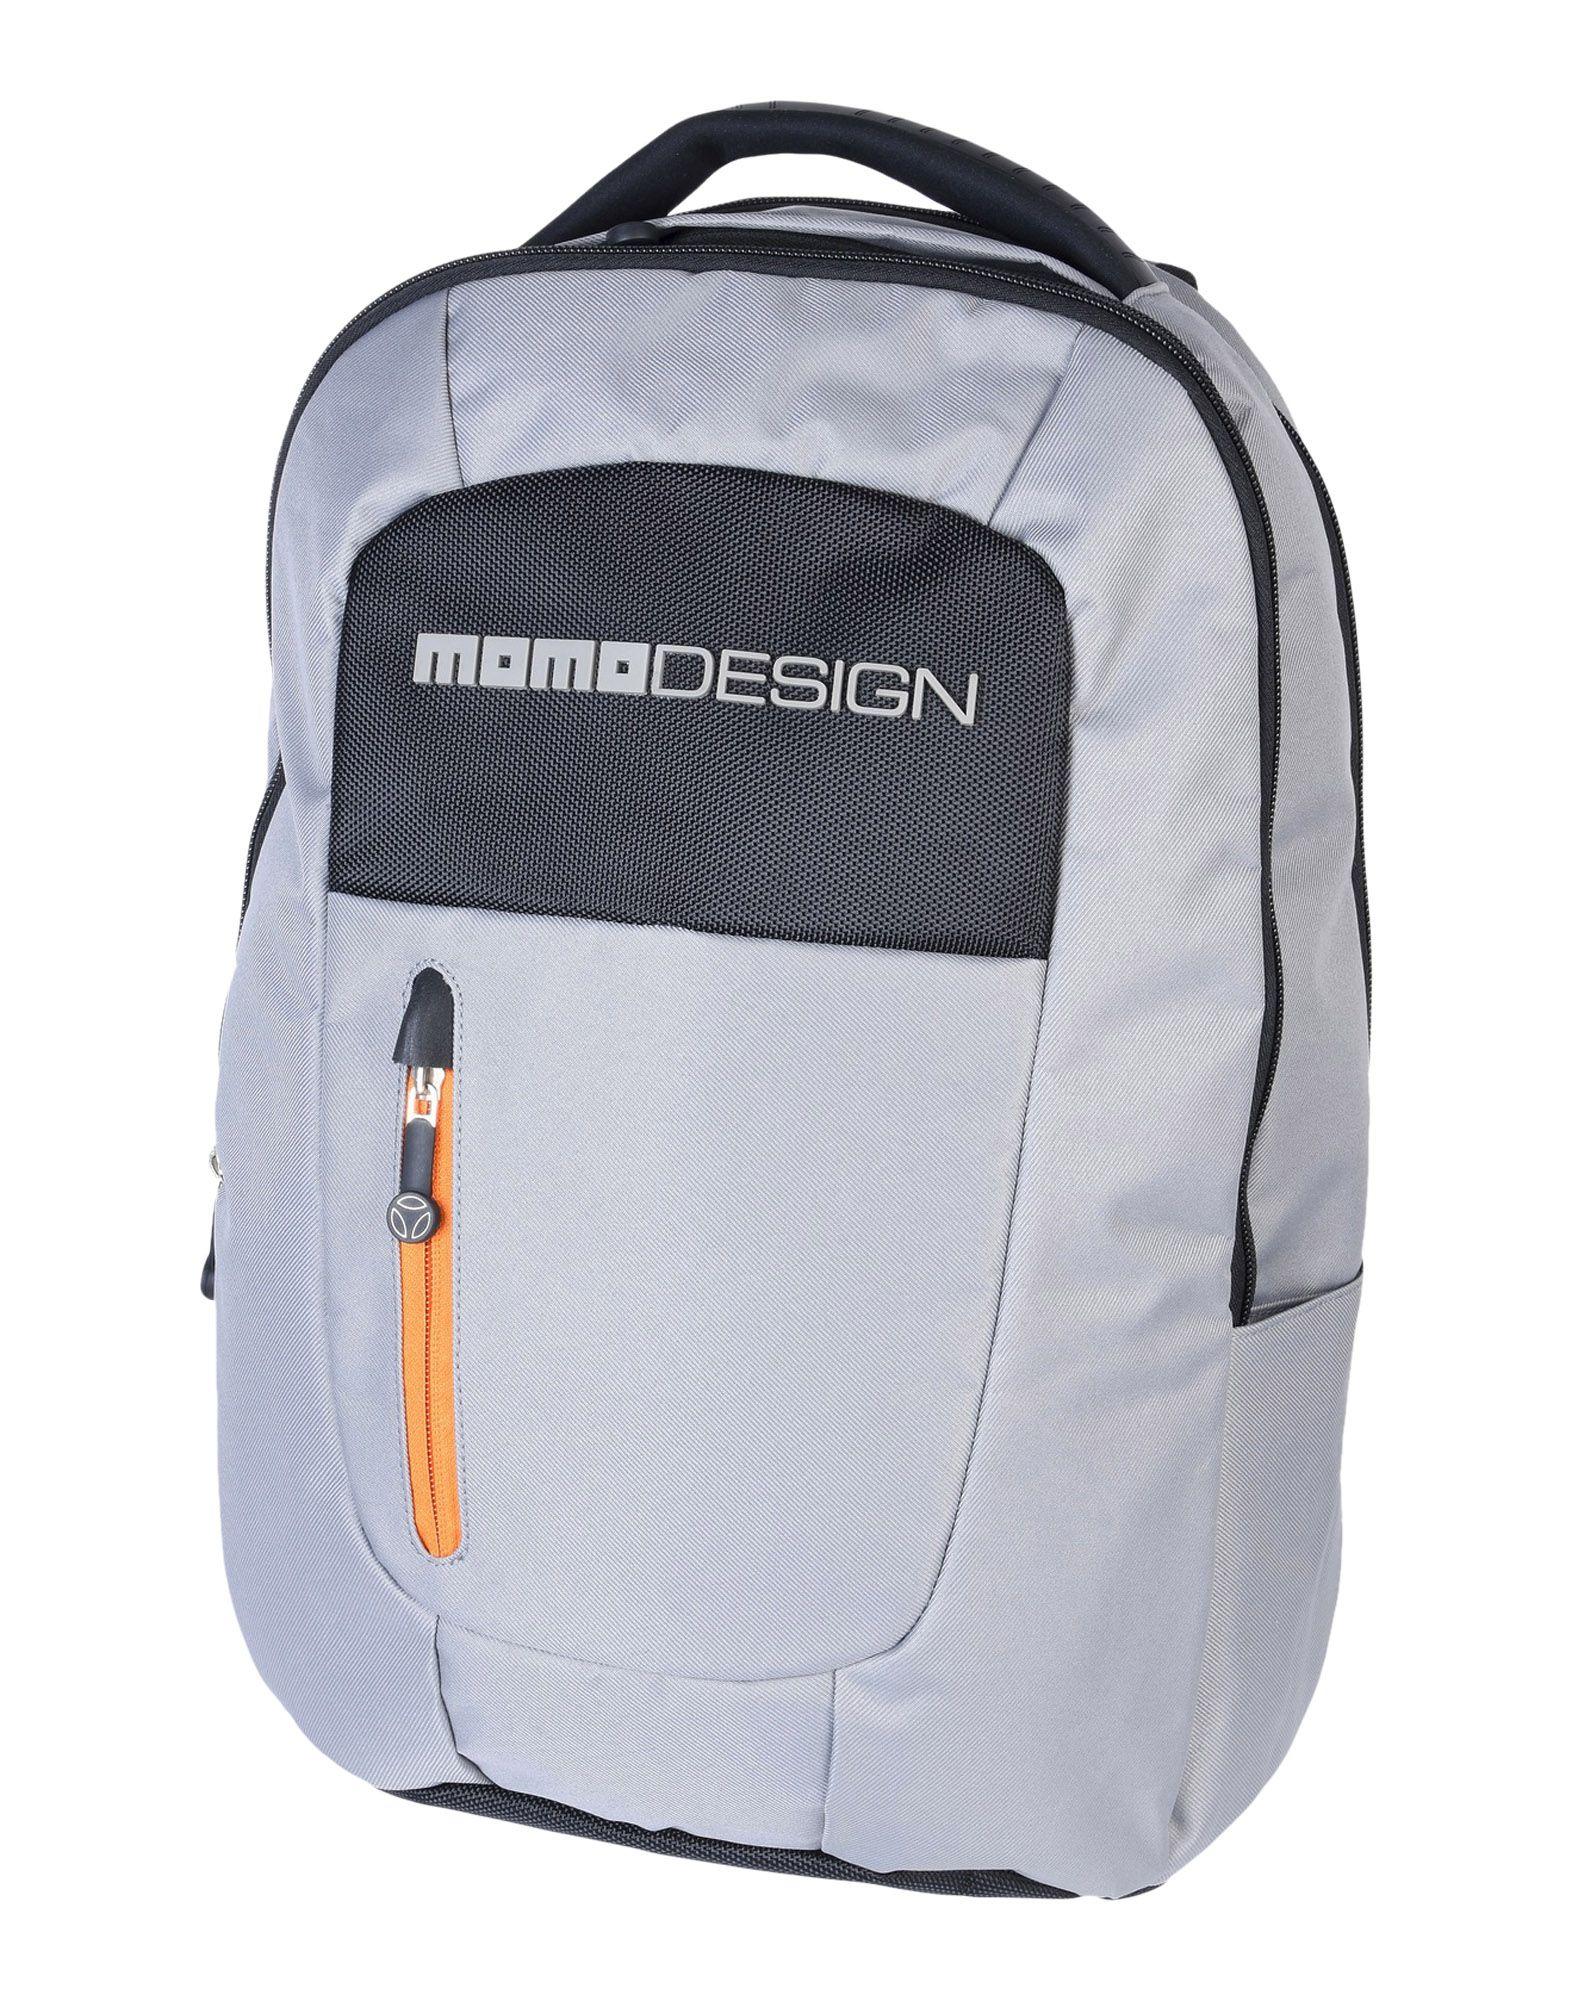 MOMO DESIGN Рюкзаки и сумки на пояс купить готовый бизнес в бургасе